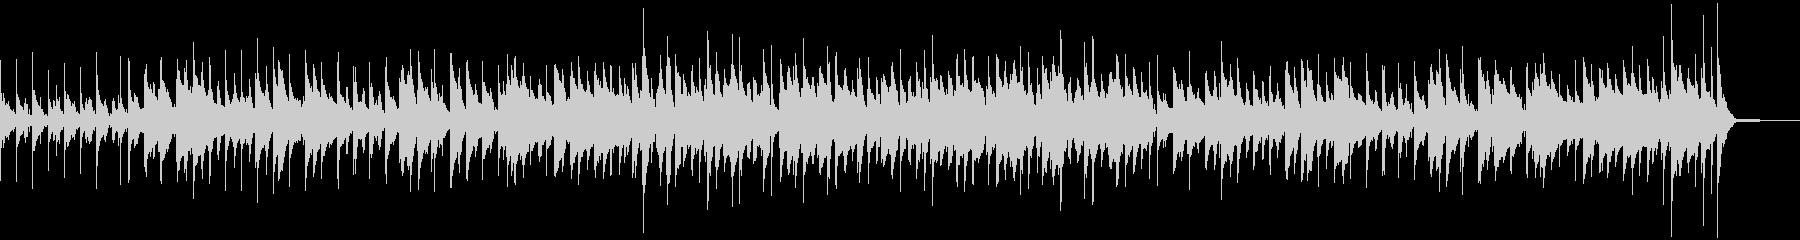 ヴァイブが奏でる小粋なジャズナンバーの未再生の波形